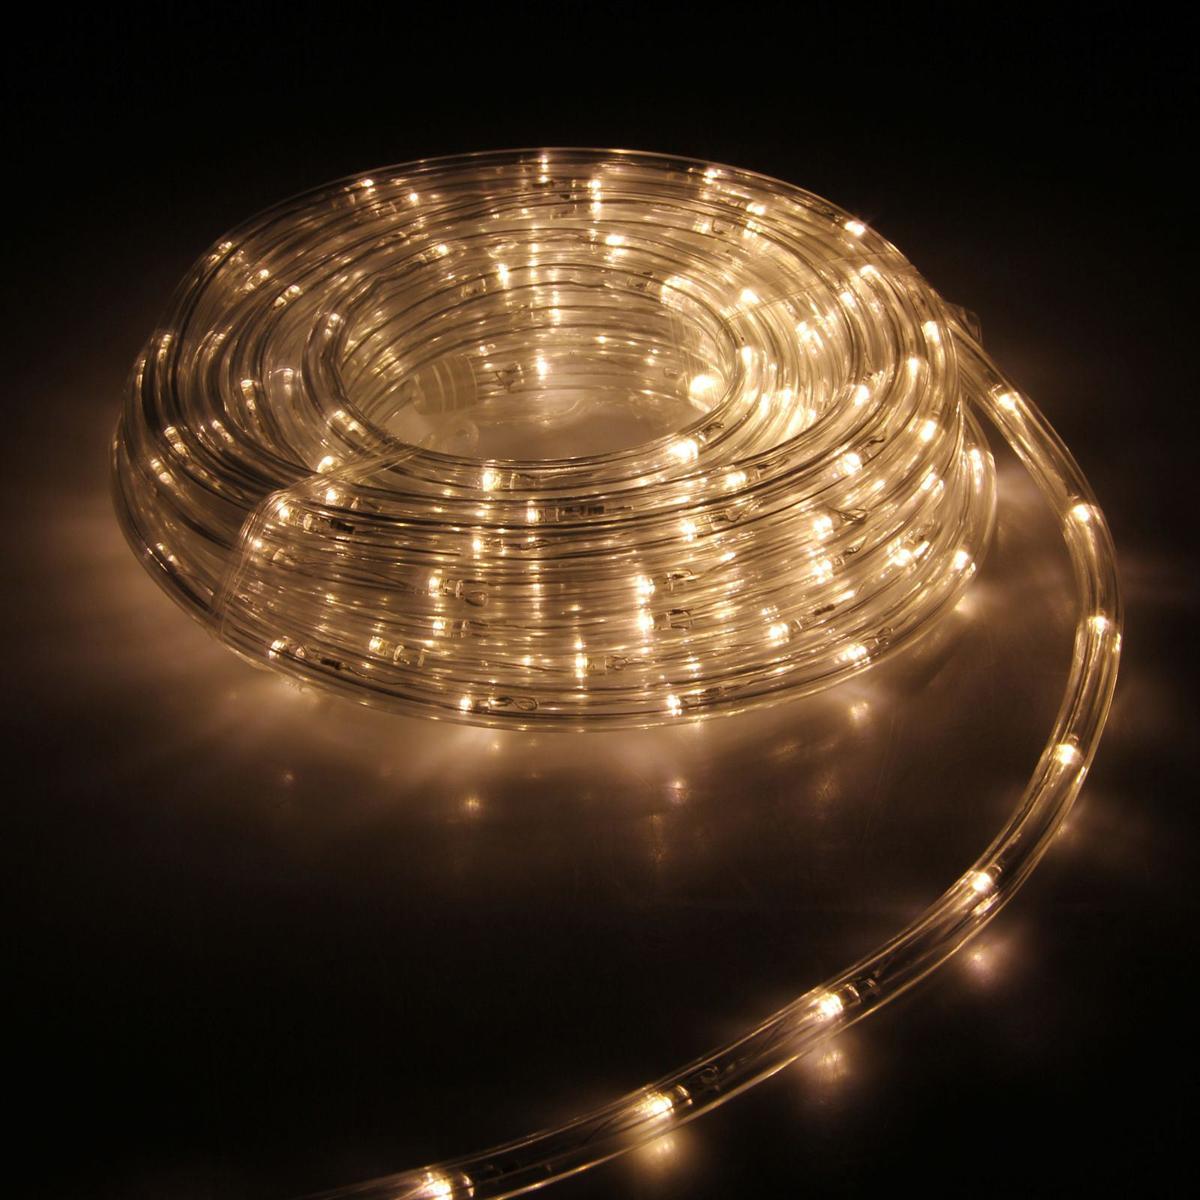 Гирлянда светодиодная Luazon, 240 ламп, 8 режимов, 220 V, цвет: теплый белый, 1 см х 10 м. 15898261589826Светодиодные гирлянды, ленты и т.д — это отличный вариант для новогоднего оформления интерьера или фасада. С их помощью помещение любого размера можно превратить в праздничный зал, а внешние элементы зданий, украшенные ими, мгновенно станут напоминать очертания сказочного дворца. Такие украшения создают ауру предвкушения чуда. Деревья, фасады, витрины, окна и арки будто специально созданы, чтобы вы украсили их светящимися нитями.